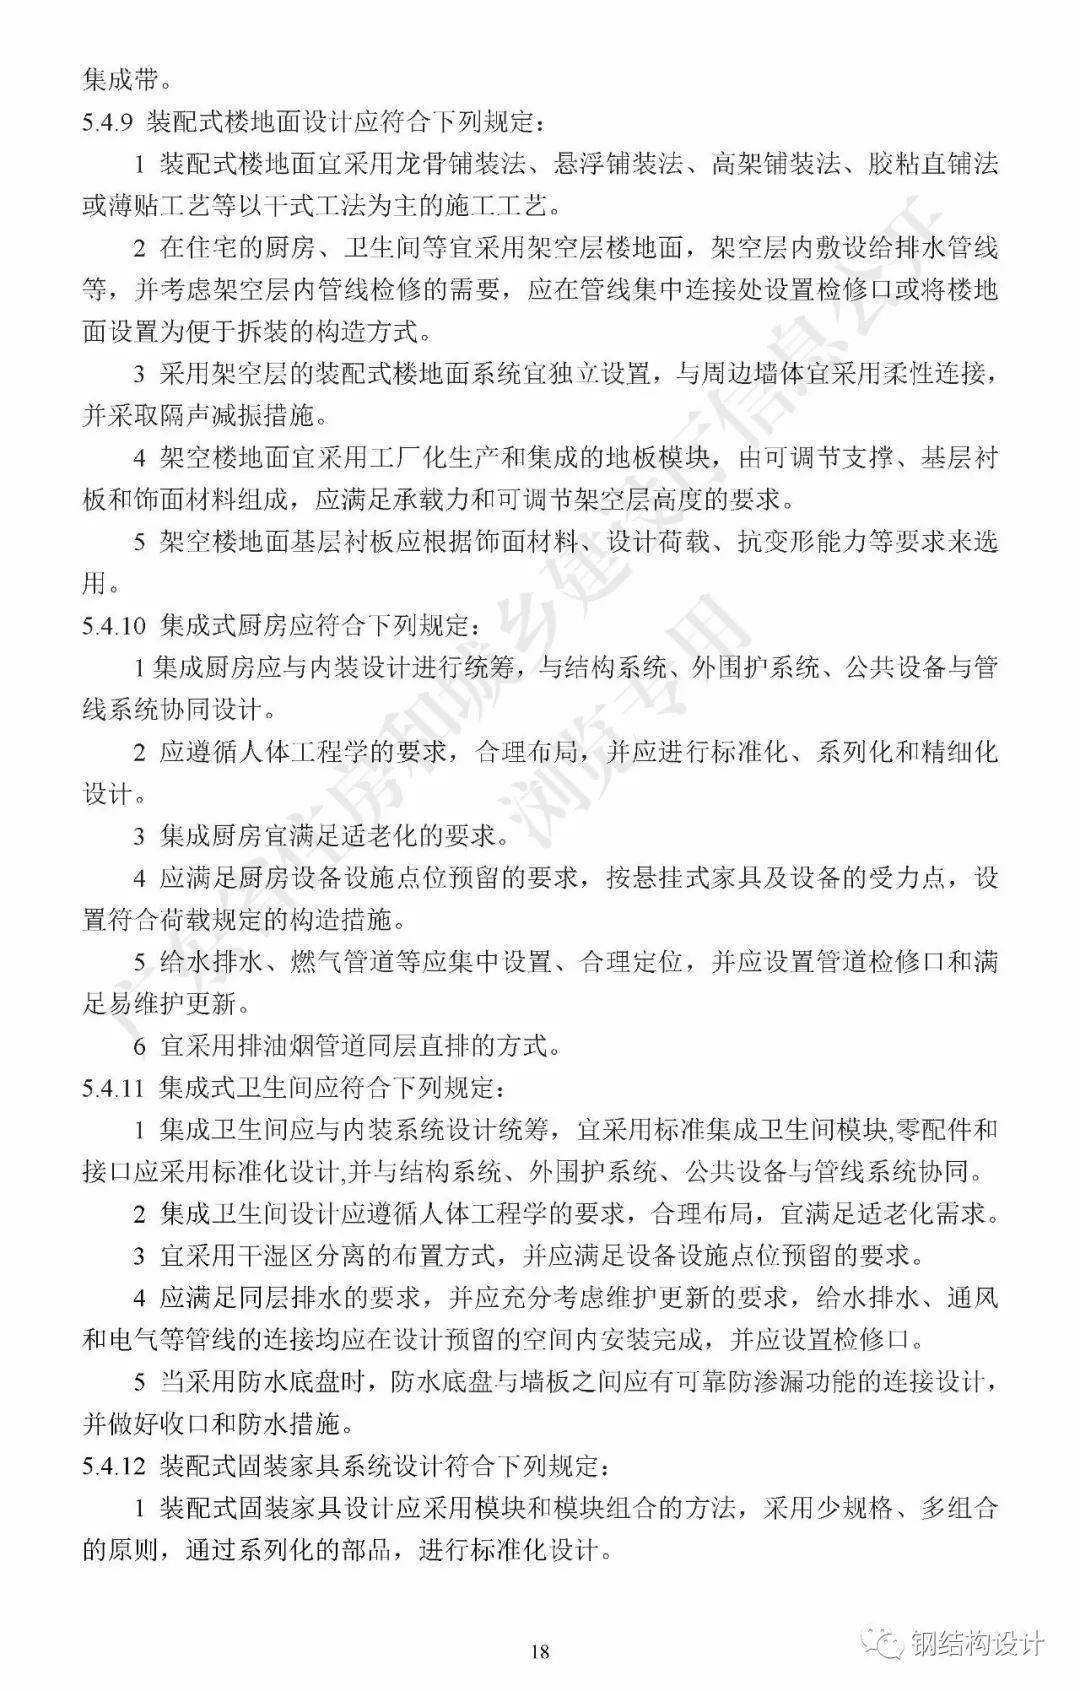 广东省《装配式钢结构建筑技术规程》发布_28